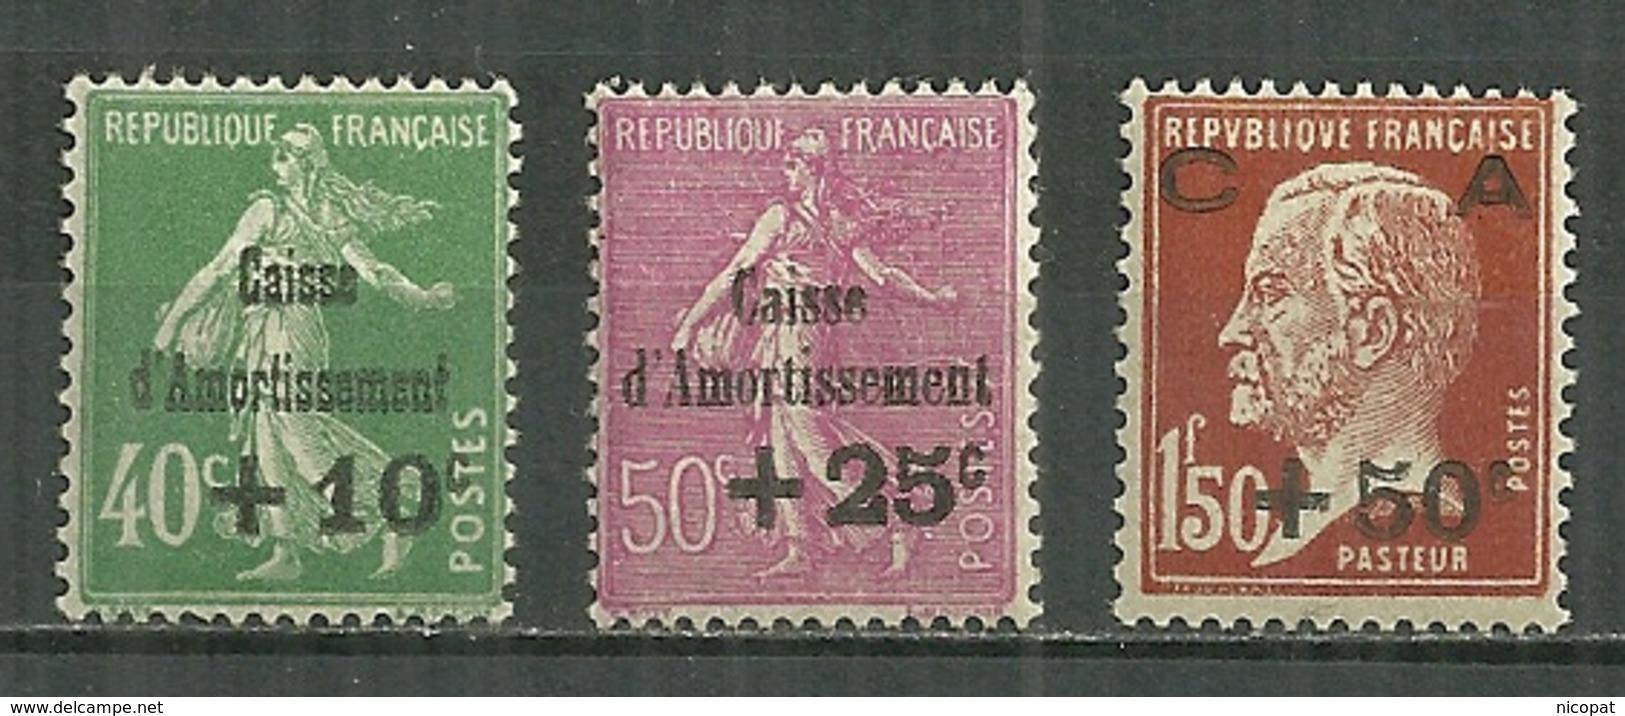 FRANCE MNH ** 253-255 Caisse D'amortissement Semeuse Pasteur - France